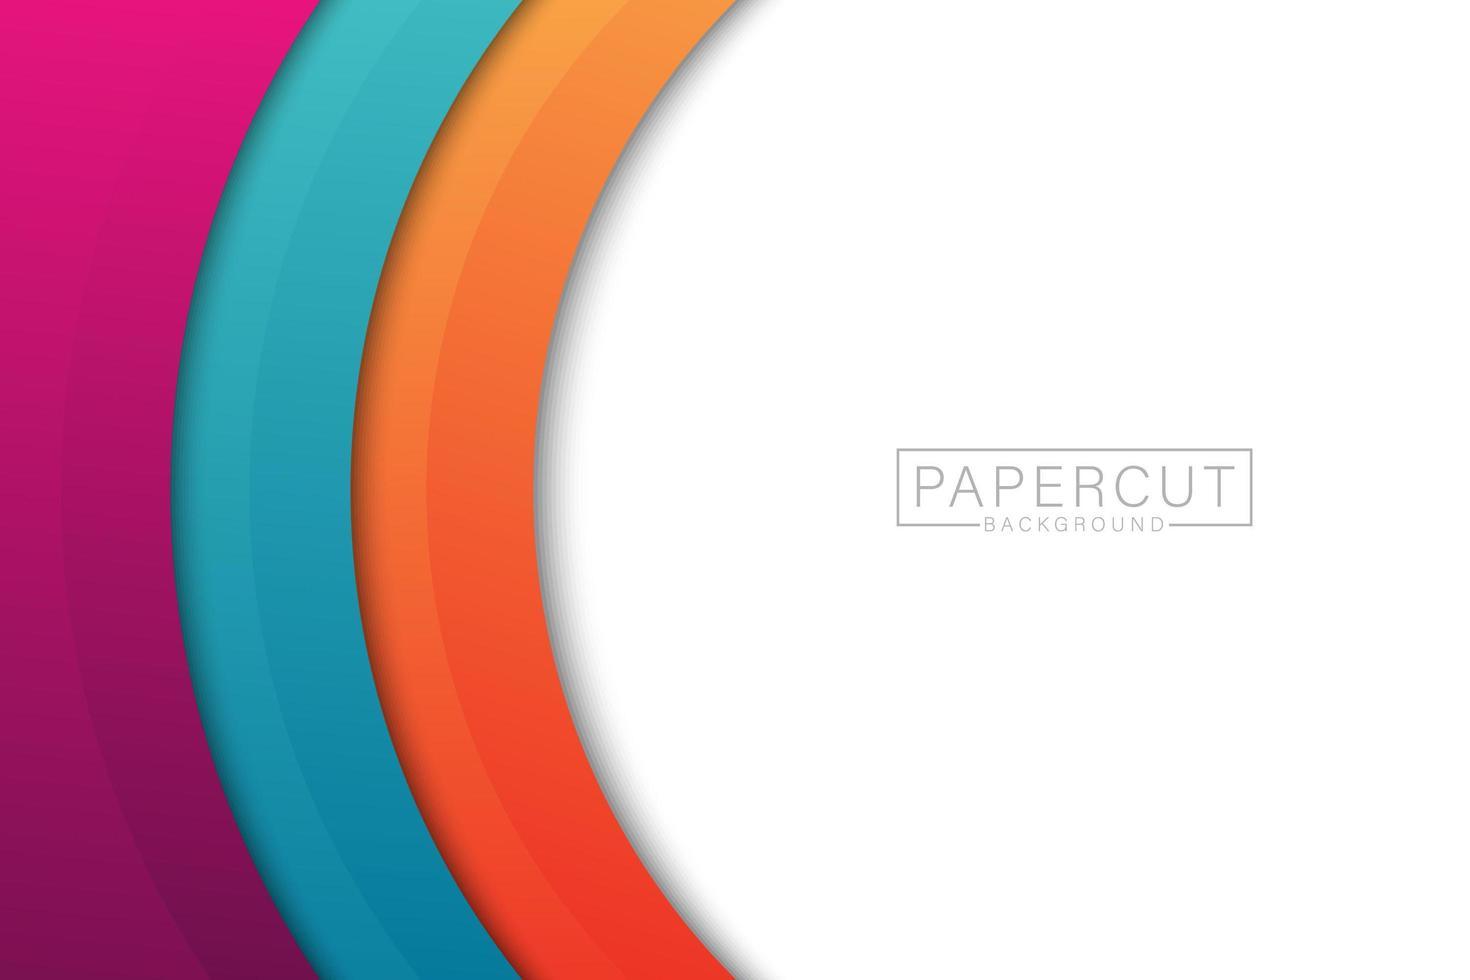 bunter gebogener Randpapierschnittentwurf vektor